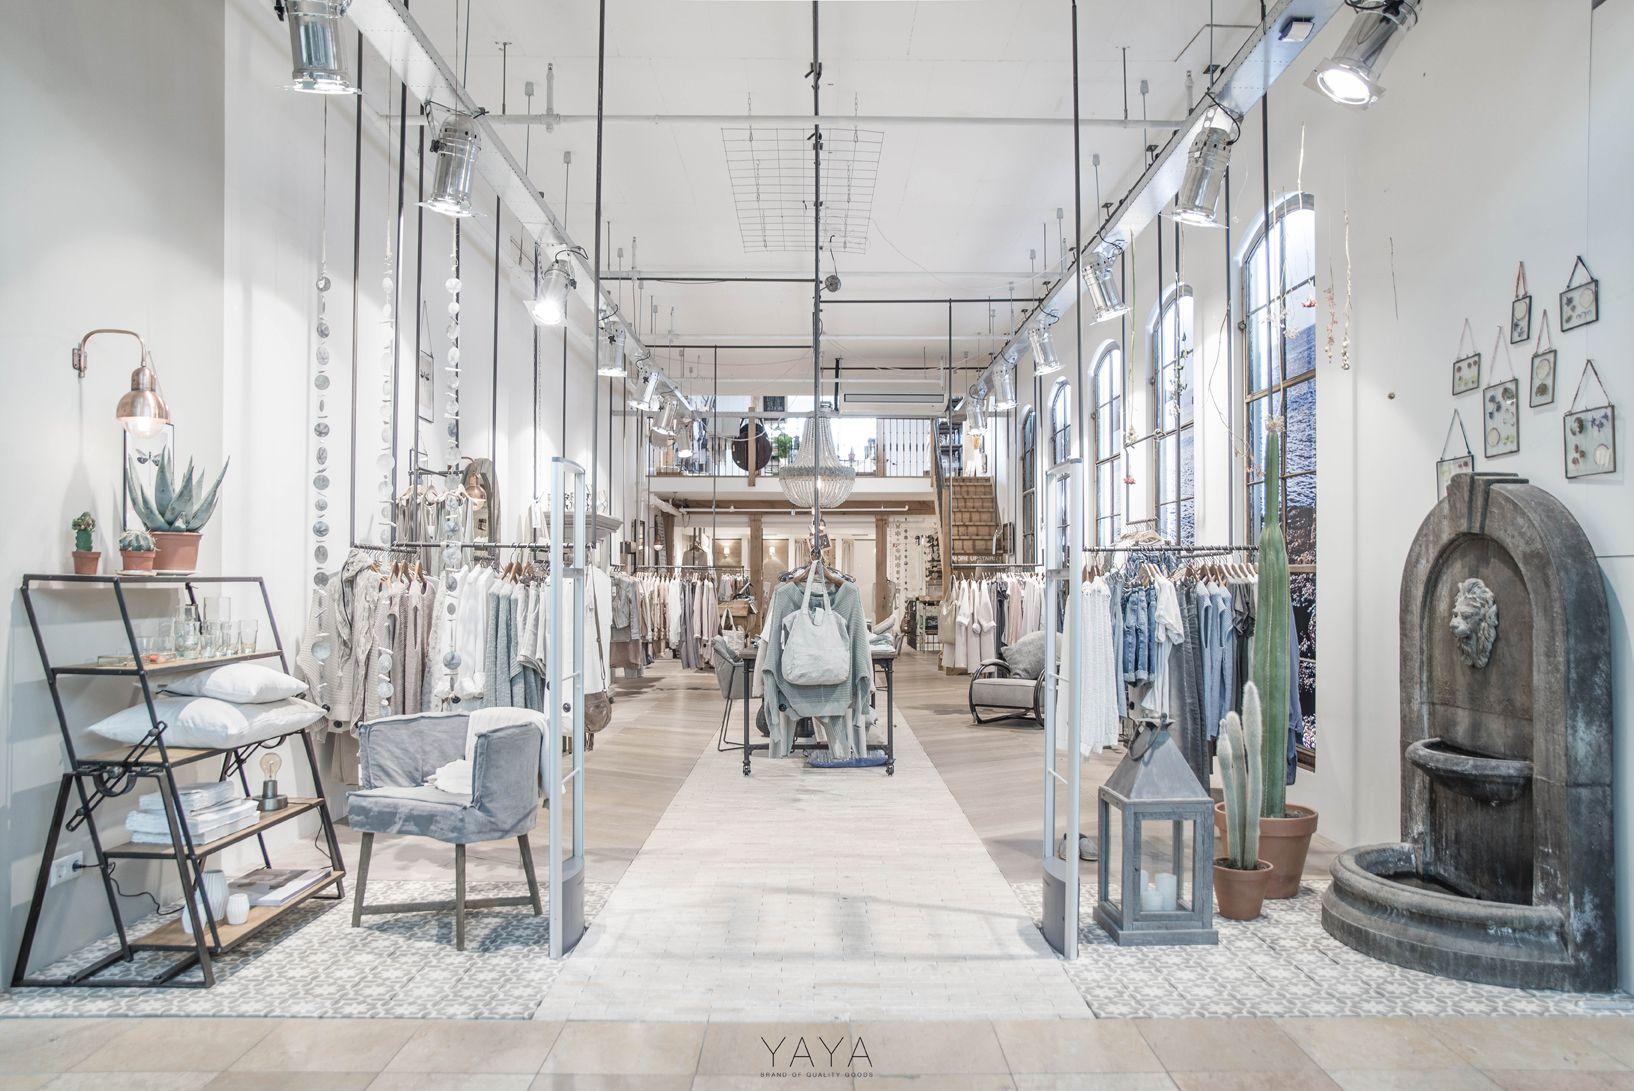 yaya concept store amstelveen photography paulina arcklin boetiek decor boetiek interieur boetiek design